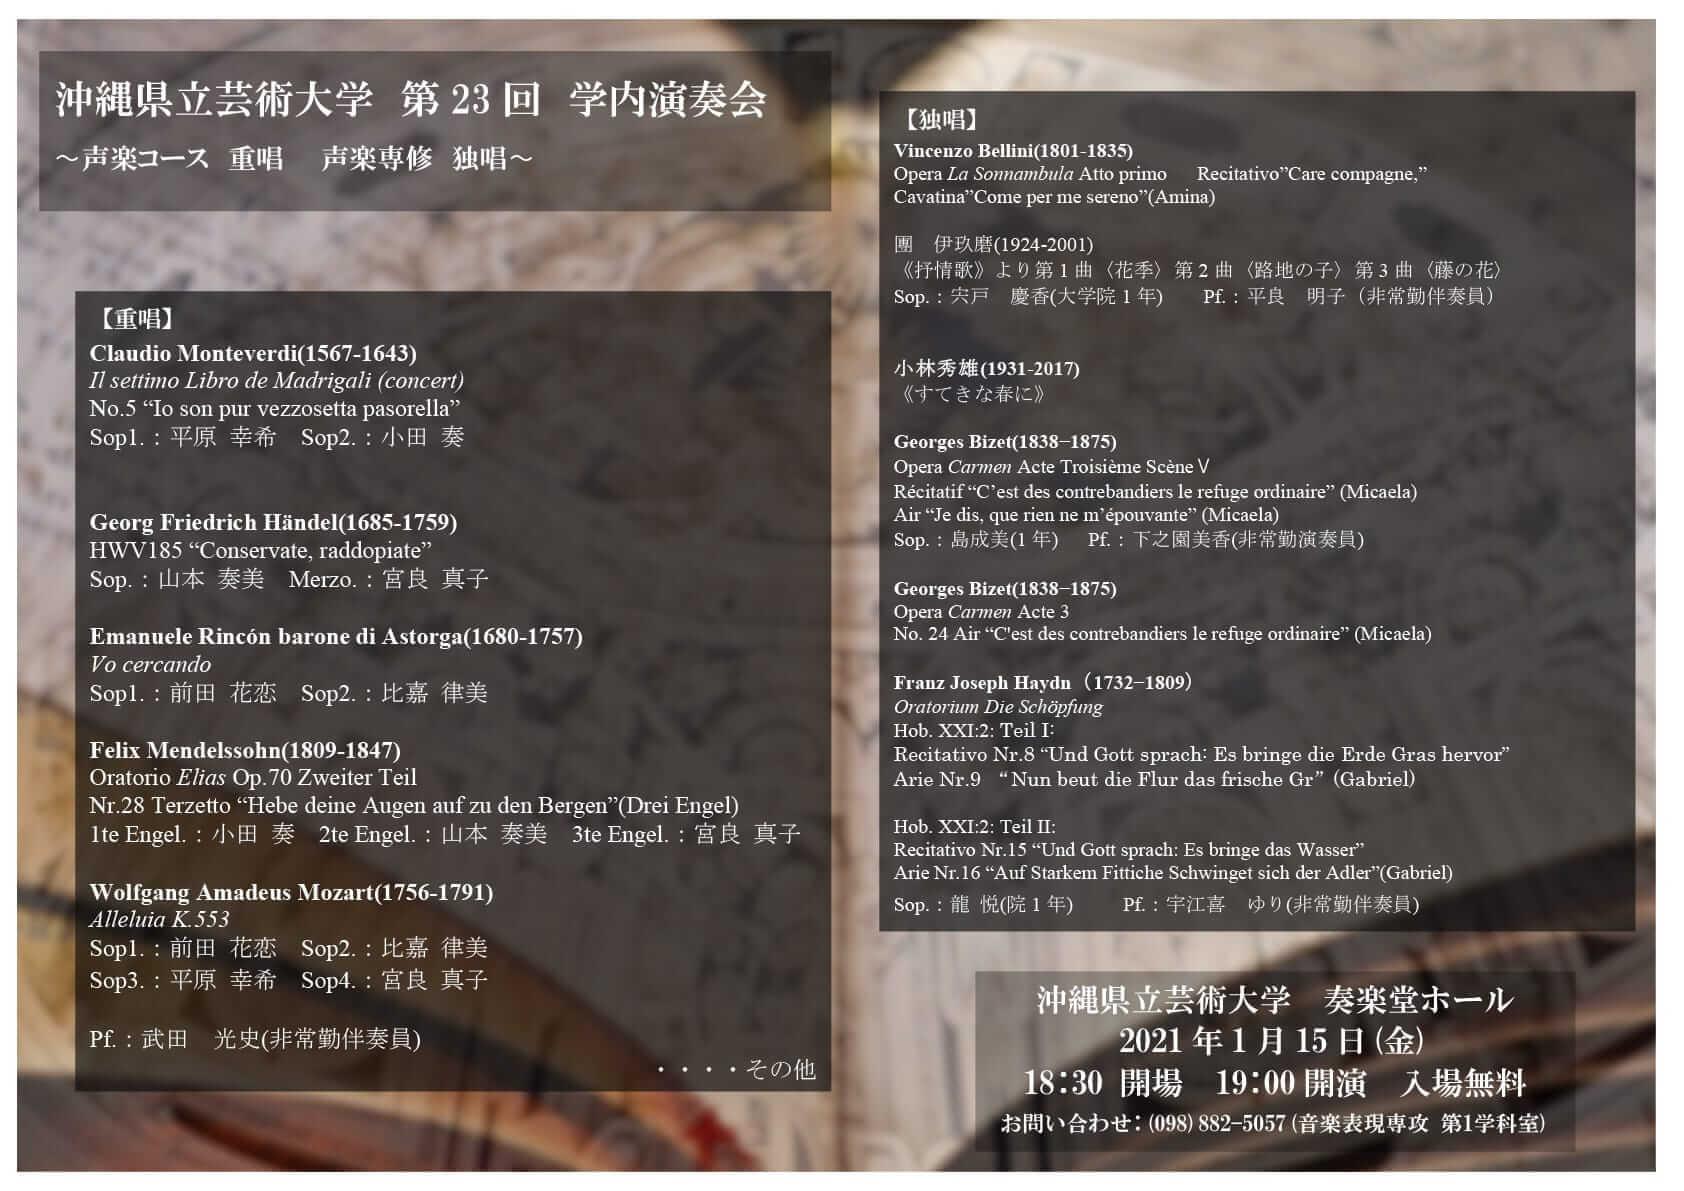 [フライヤー]第23回学内演奏会 ―声楽コース 重唱 声楽専修 独唱―